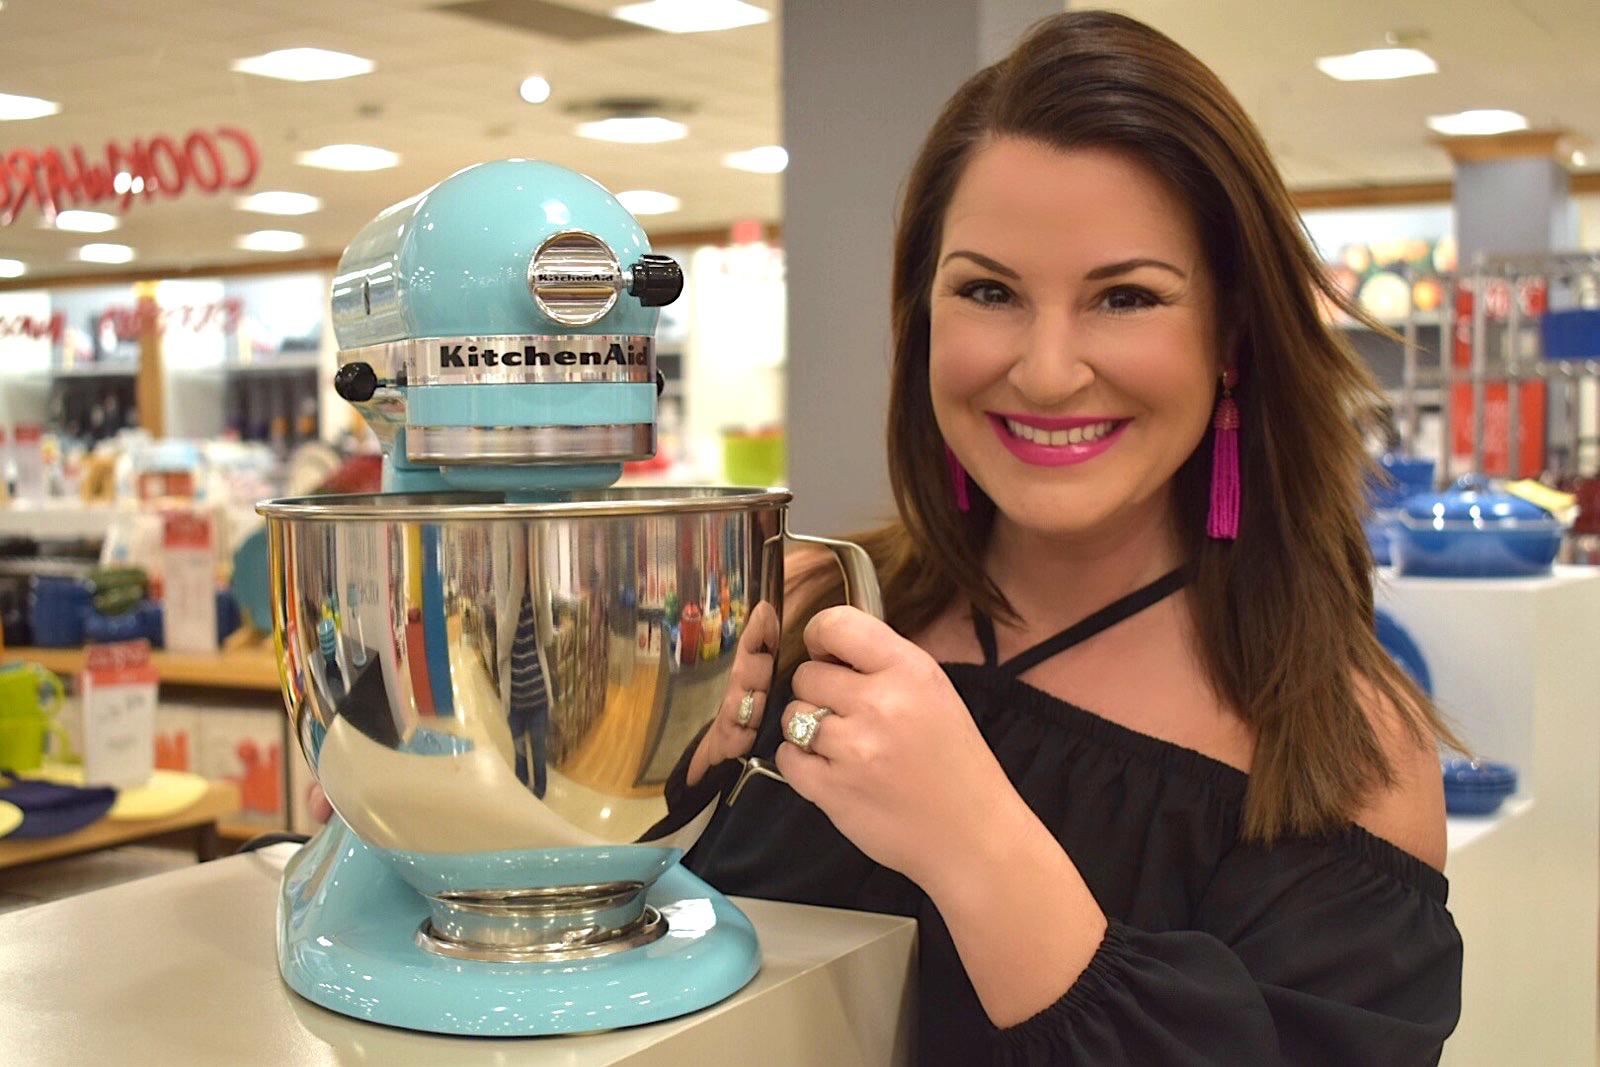 Kim Bishop with an aqua sky KitchenAid Artisan Mixer at Macys .com